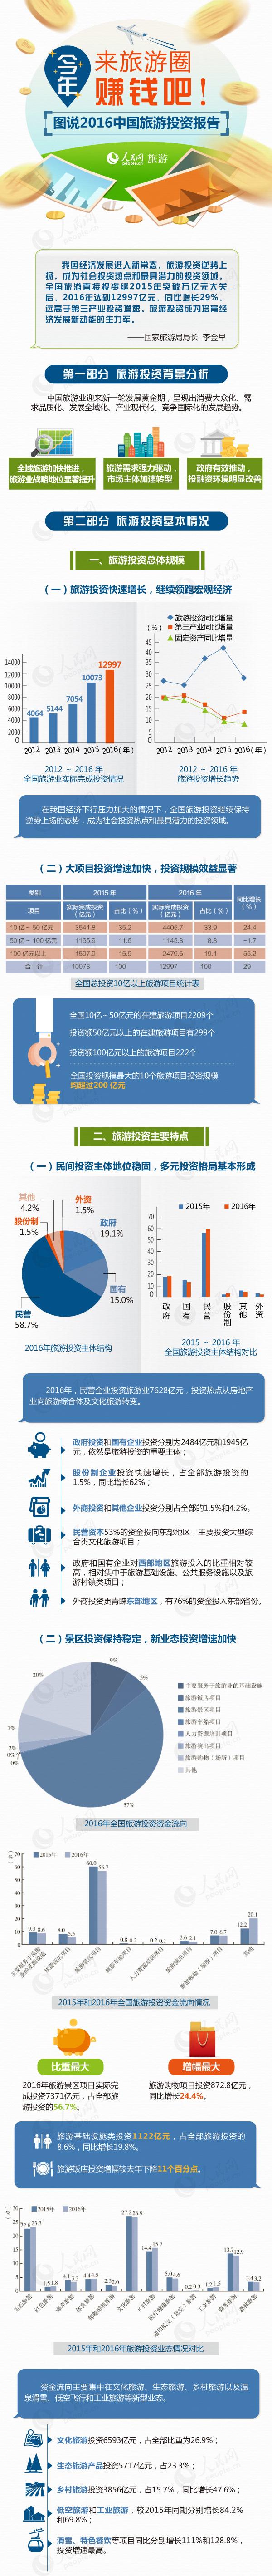 今年来旅游圈赚钱吧!图说2016中国旅游投资报告